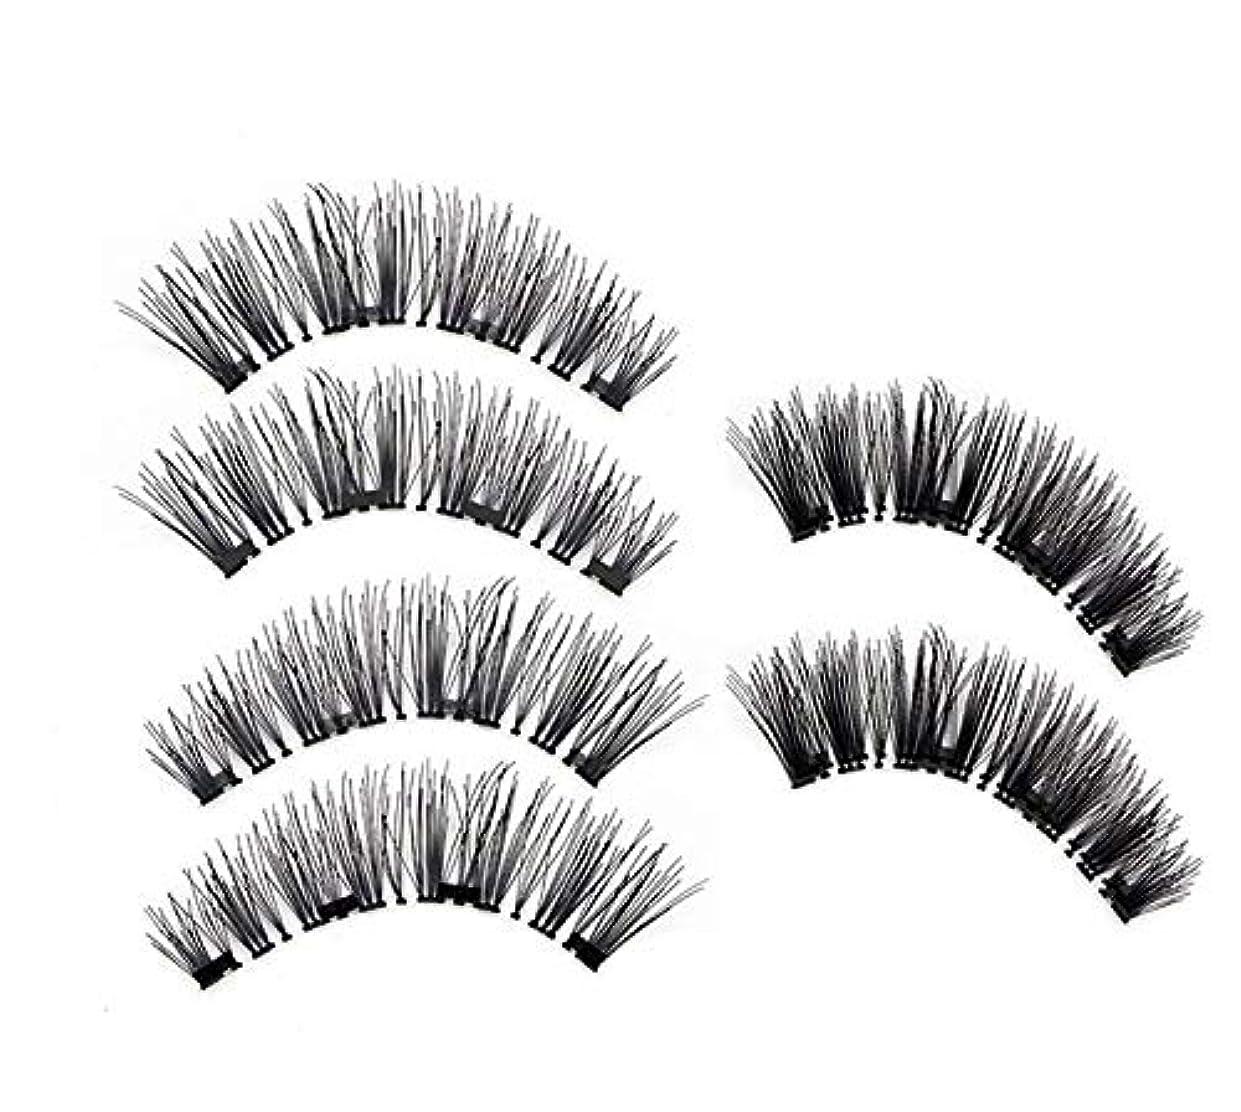 美容アクセサリー 3ペア3Dまつげマグネットまつげナチュラルつけまつげ(KS01-3) 写真美容アクセサリー (色 : DWSP-4)